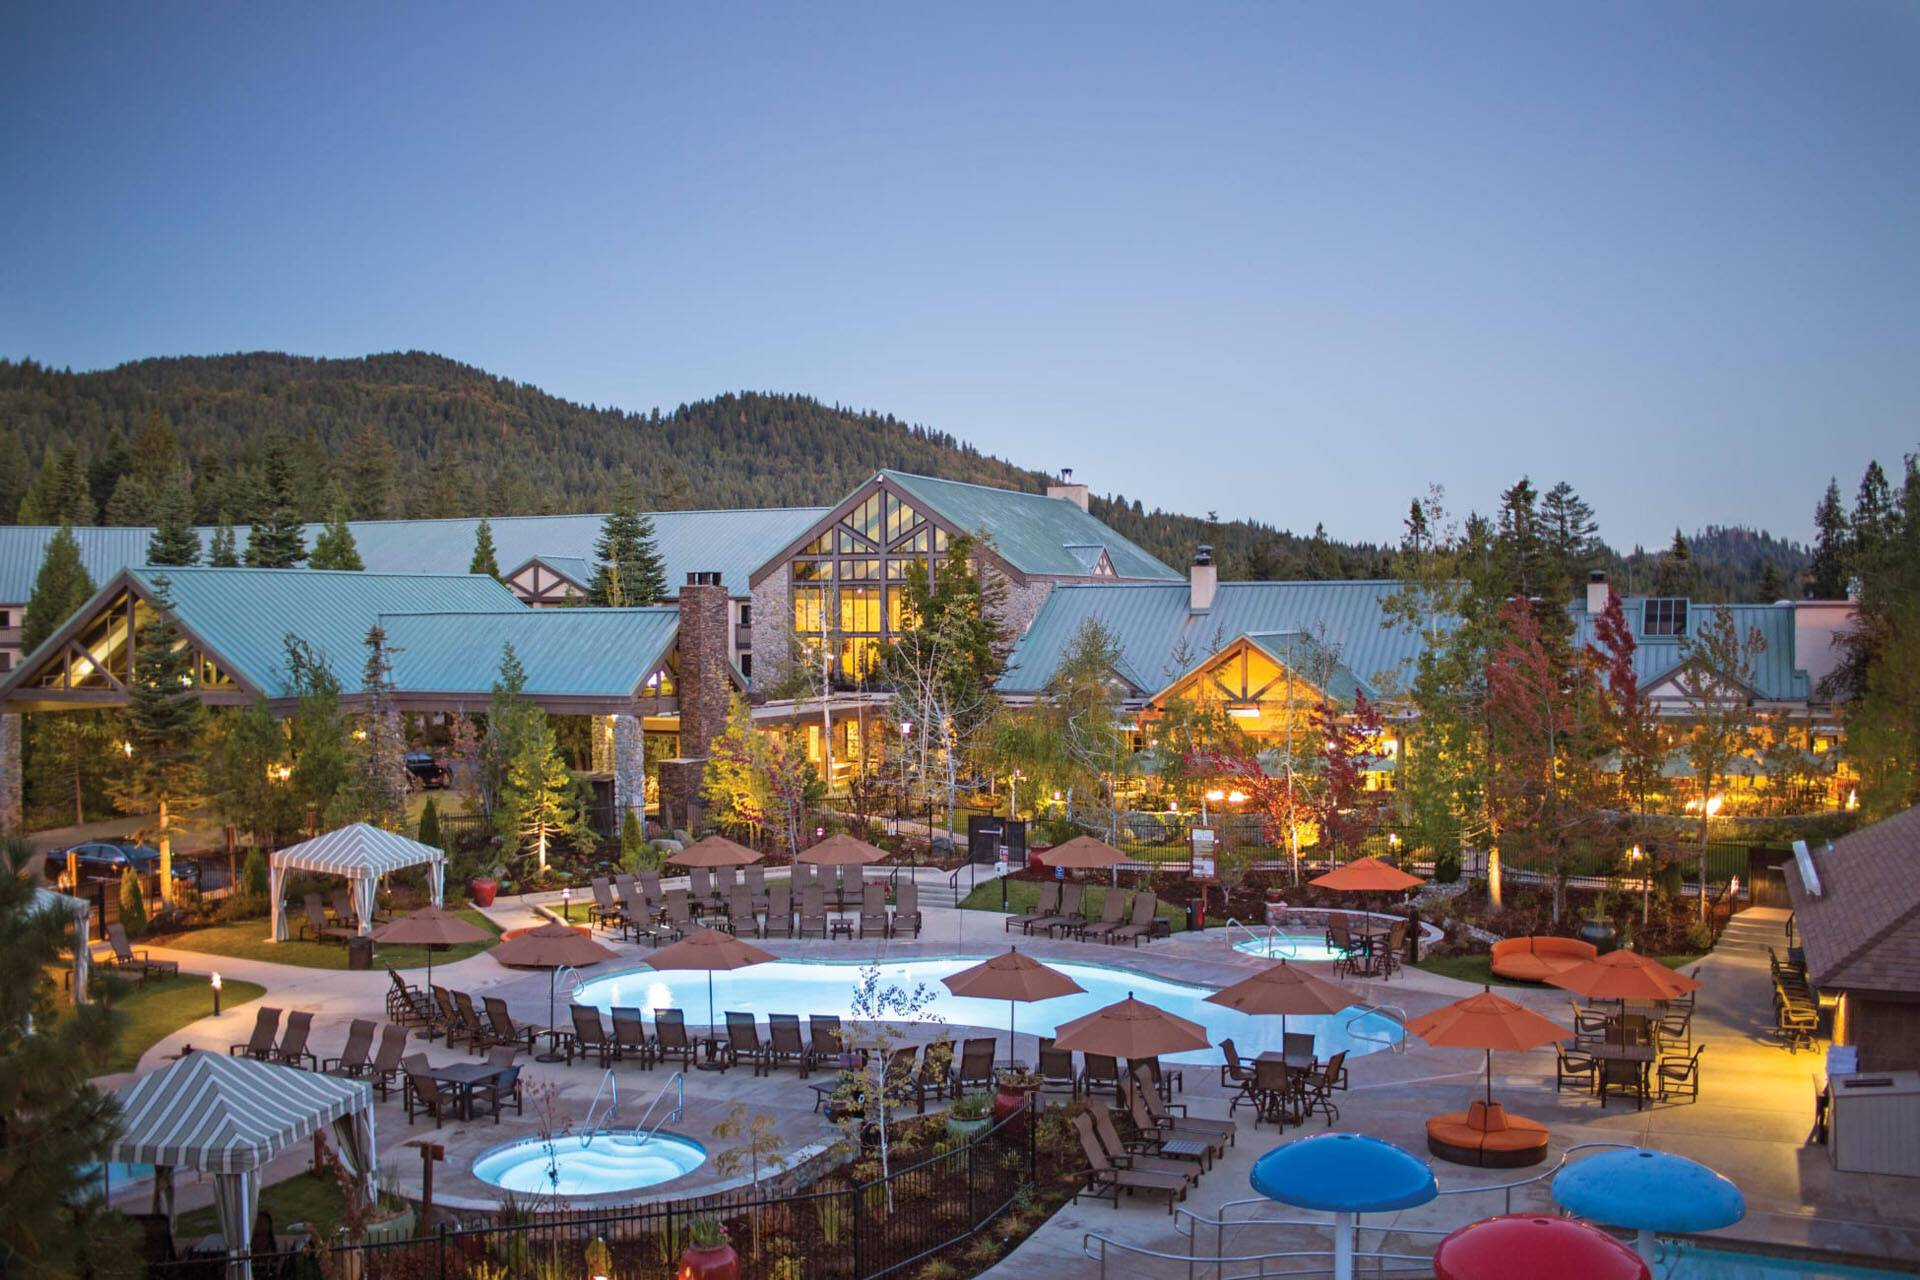 Tenaya Lodge Piscine Yosemite